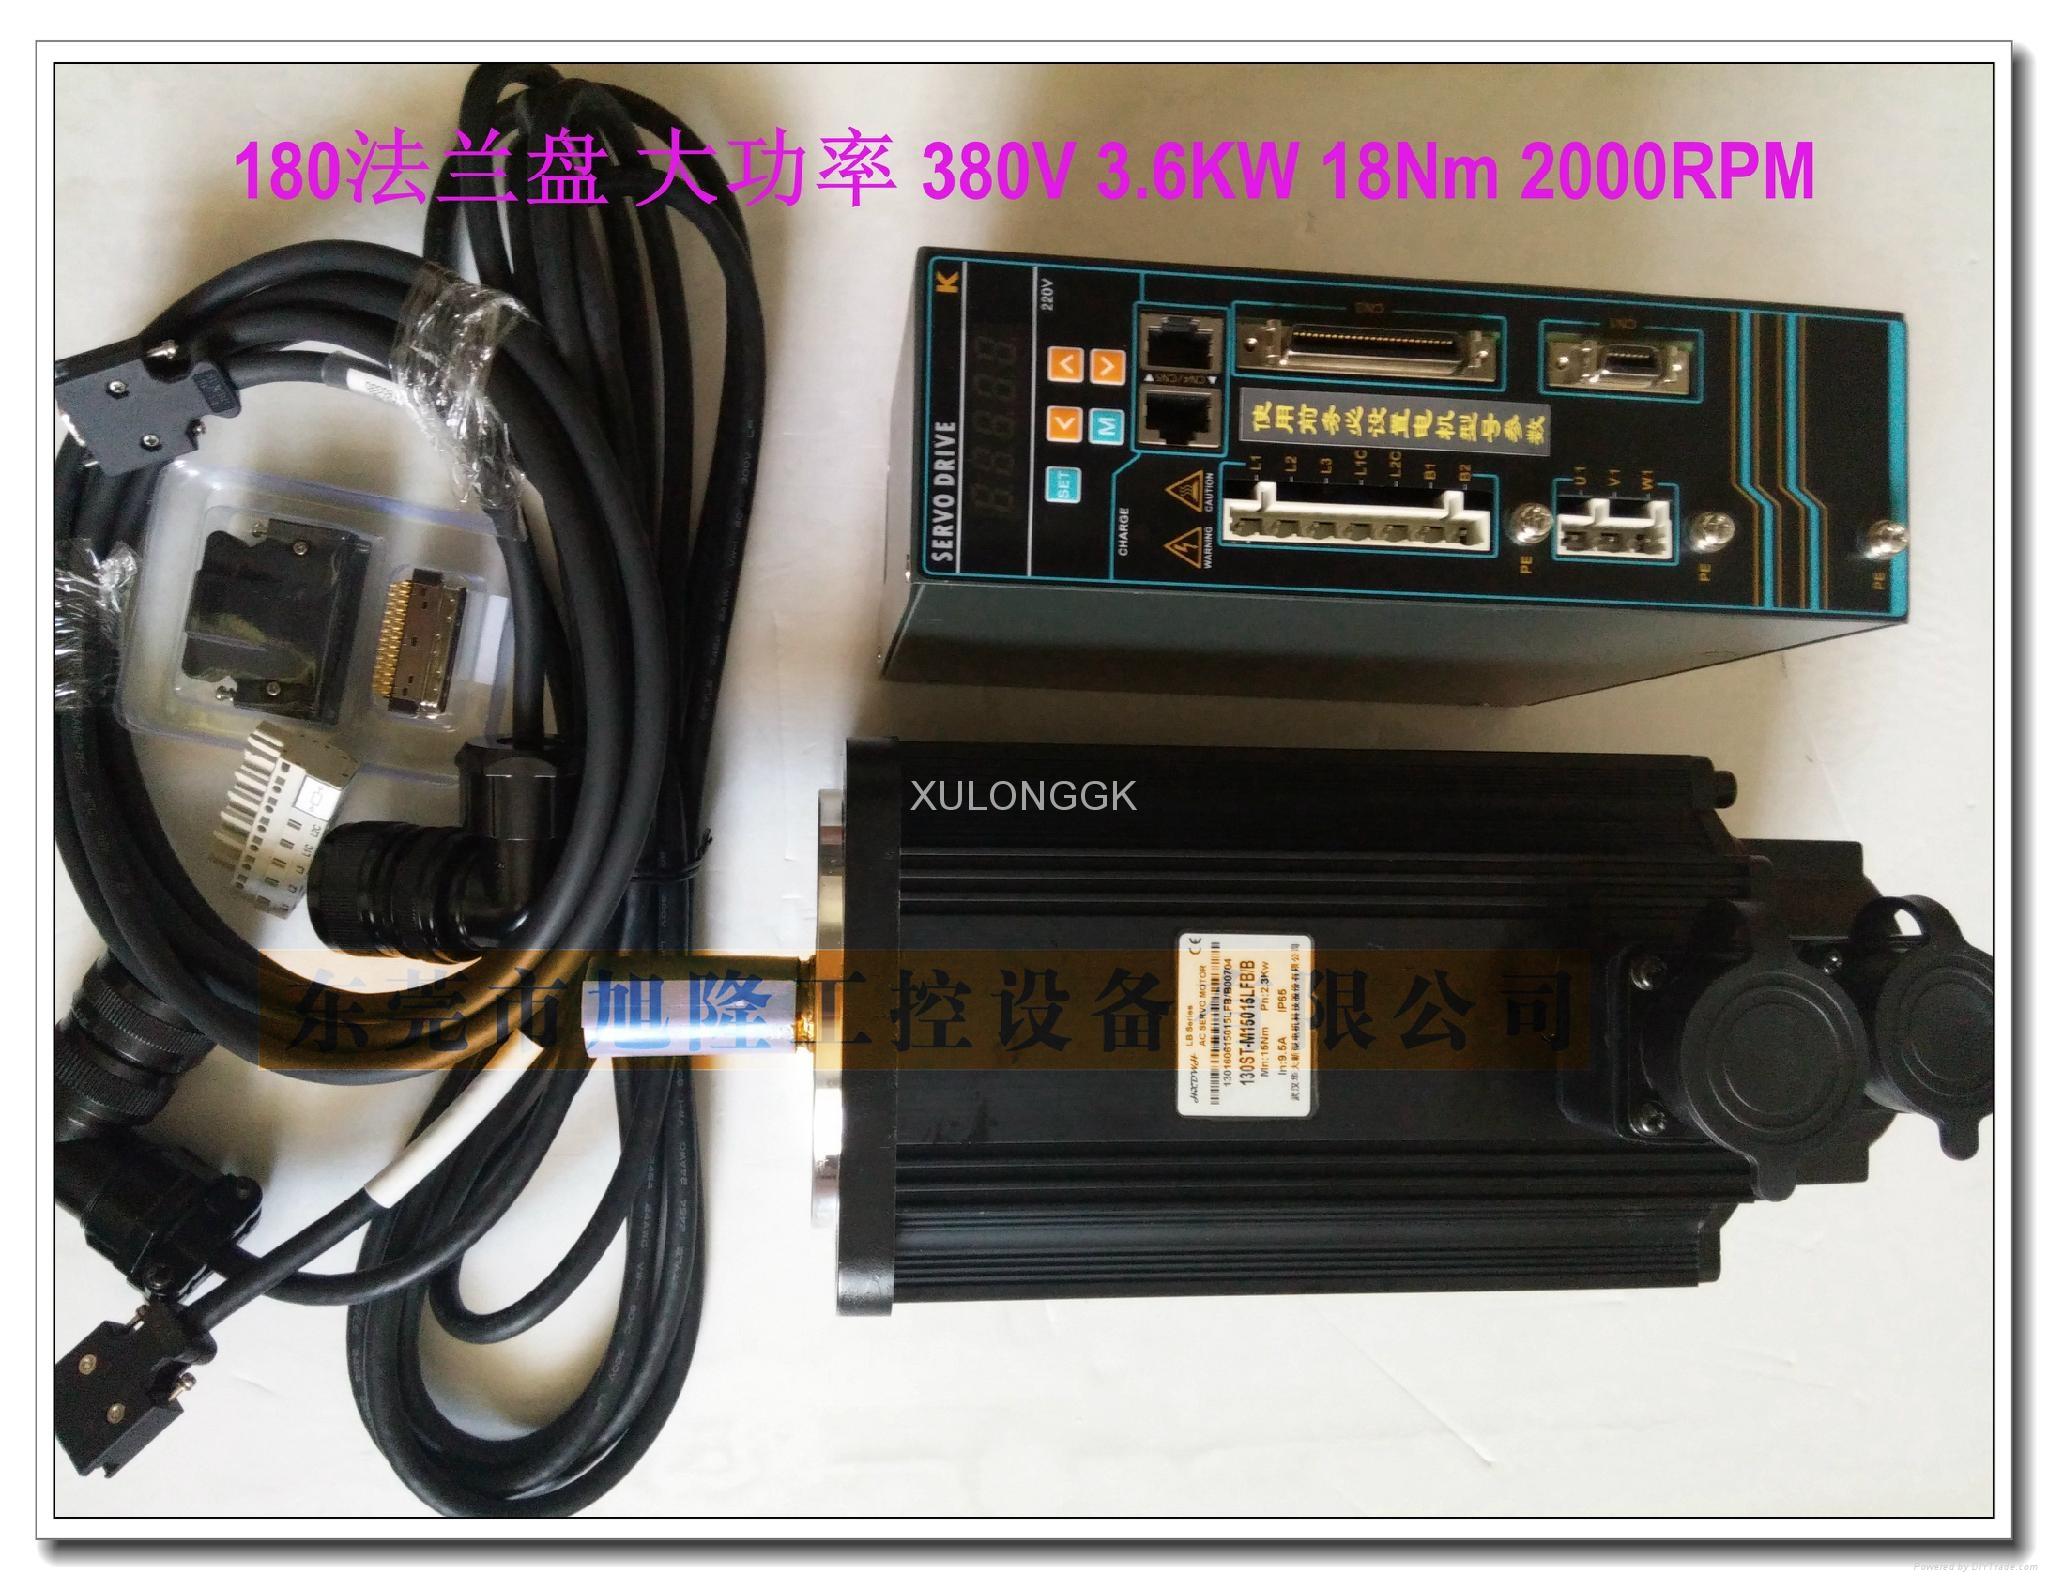 华大伺服电机配50A伺服驱动器180ST-M18020HFB 高压3.6kw 18N  380V 镗床铣床用高稳定性